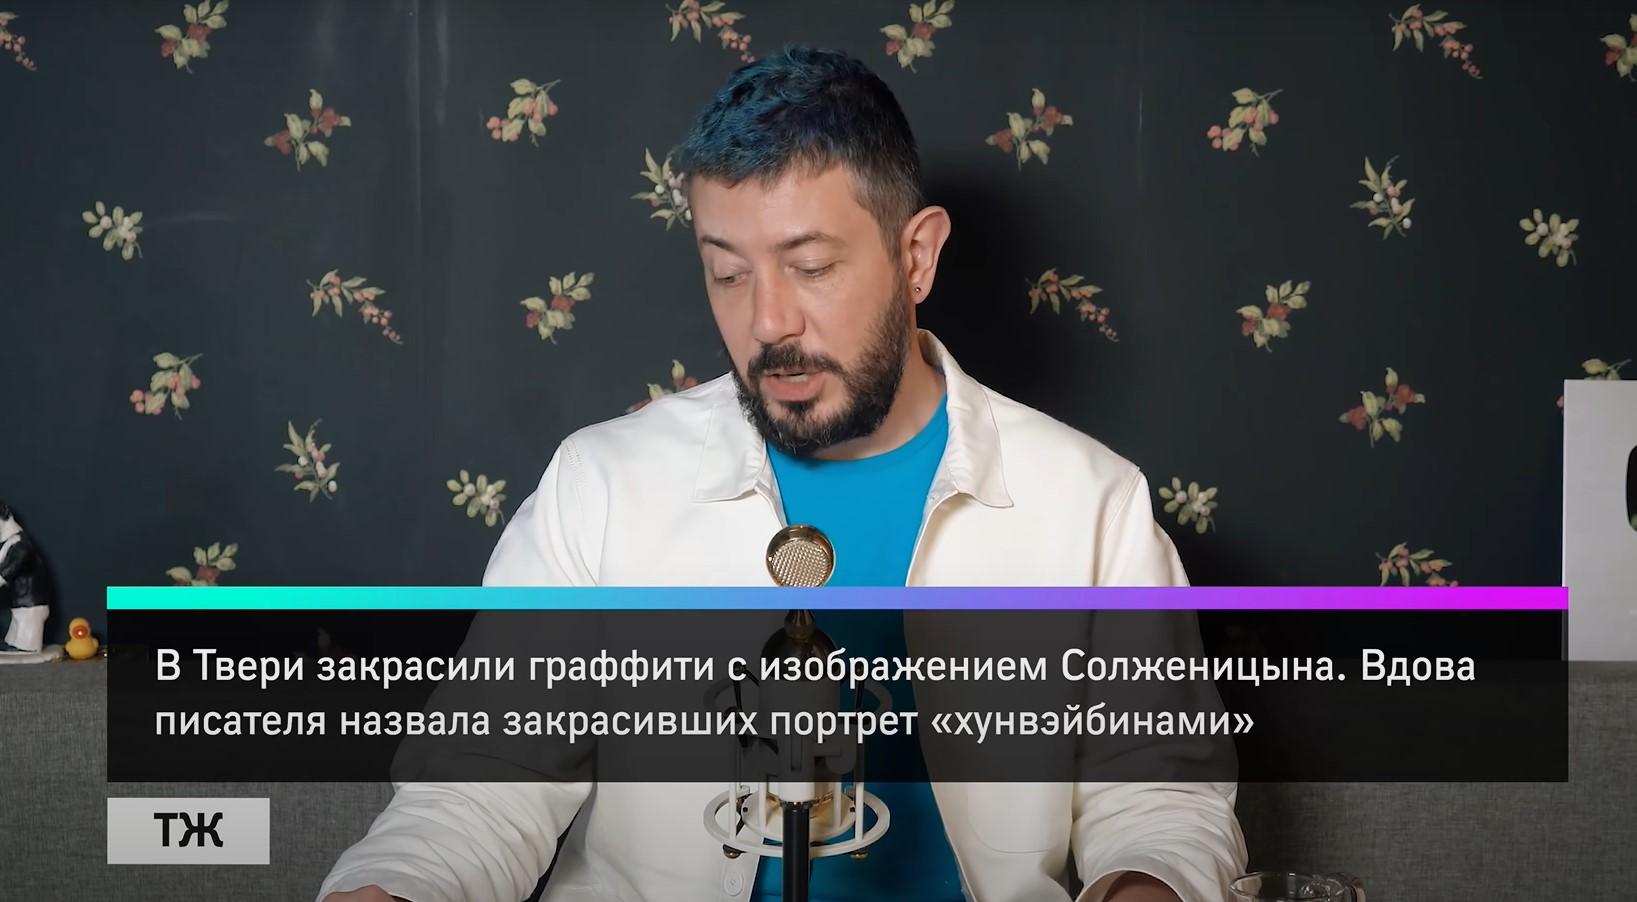 """Спасибо Артемию Лебедеву: Статью """"Тверьлайф"""" процитировал всемирно известный дизайнер"""